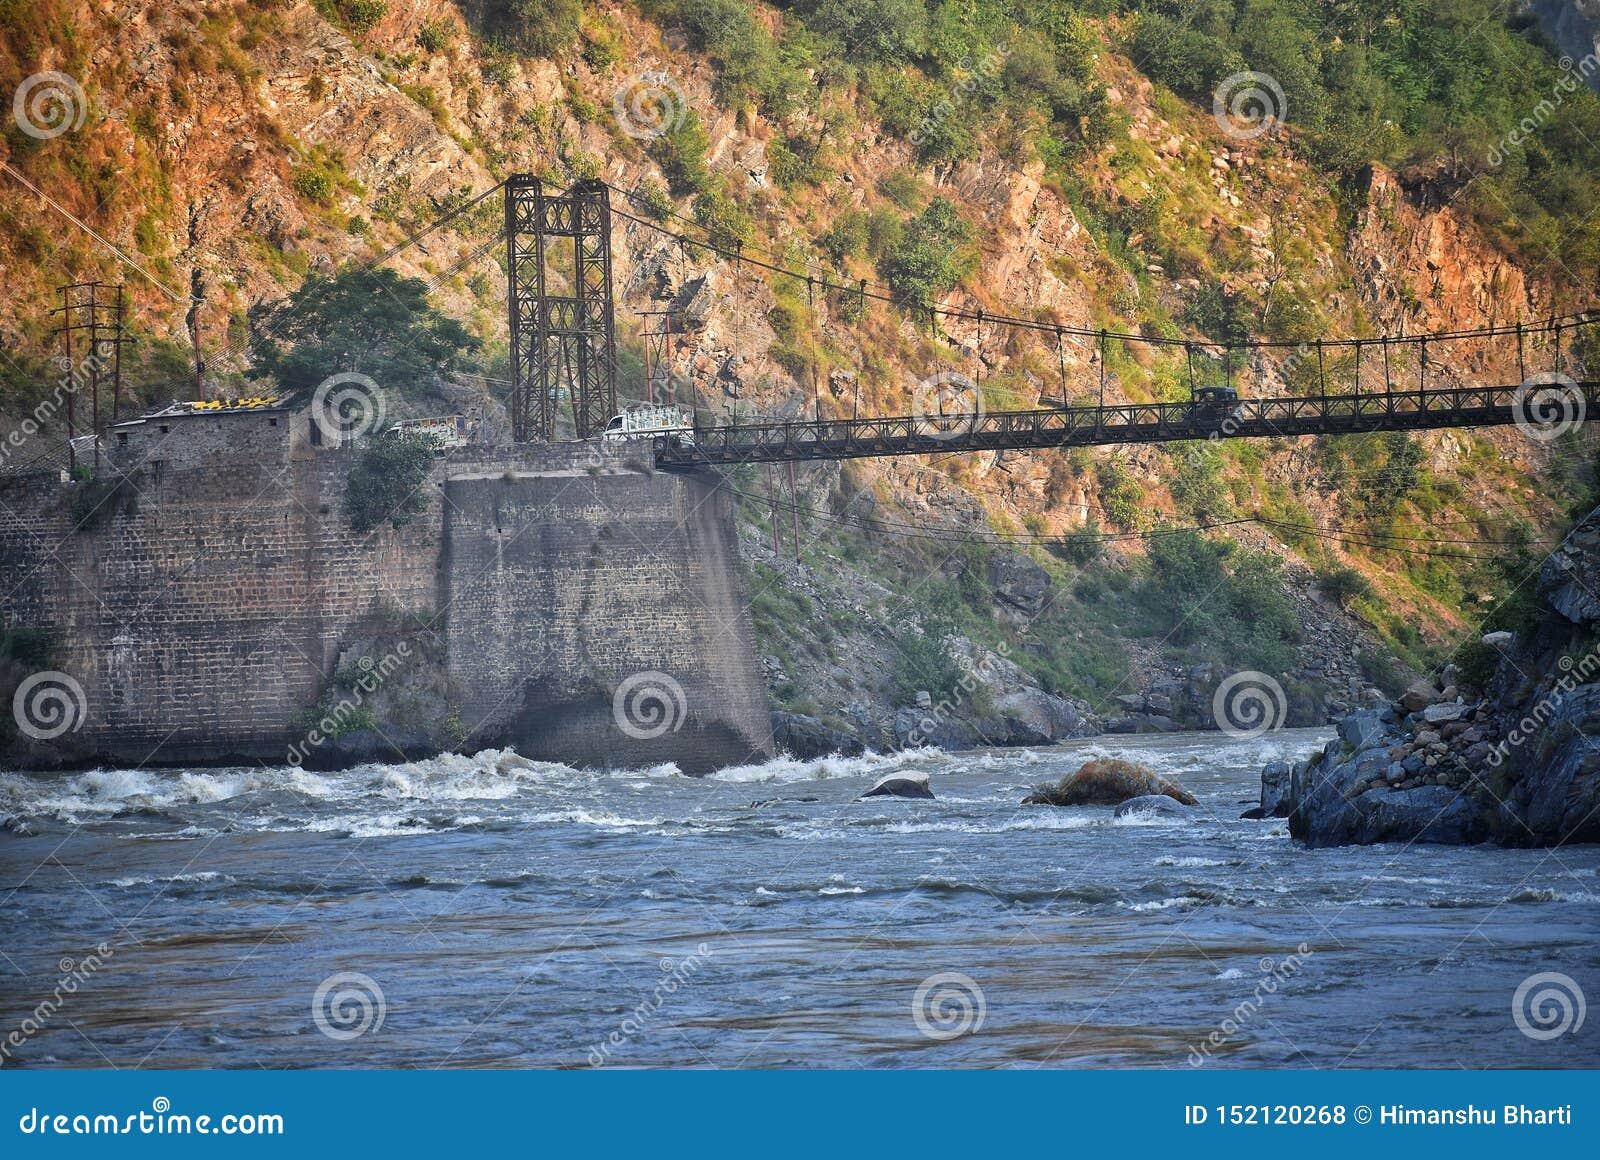 Uma fotografia de um ferro e de uma ponte de madeira sobre um rio com a montanha no fundo que bate por raios de sol cedo na manhã